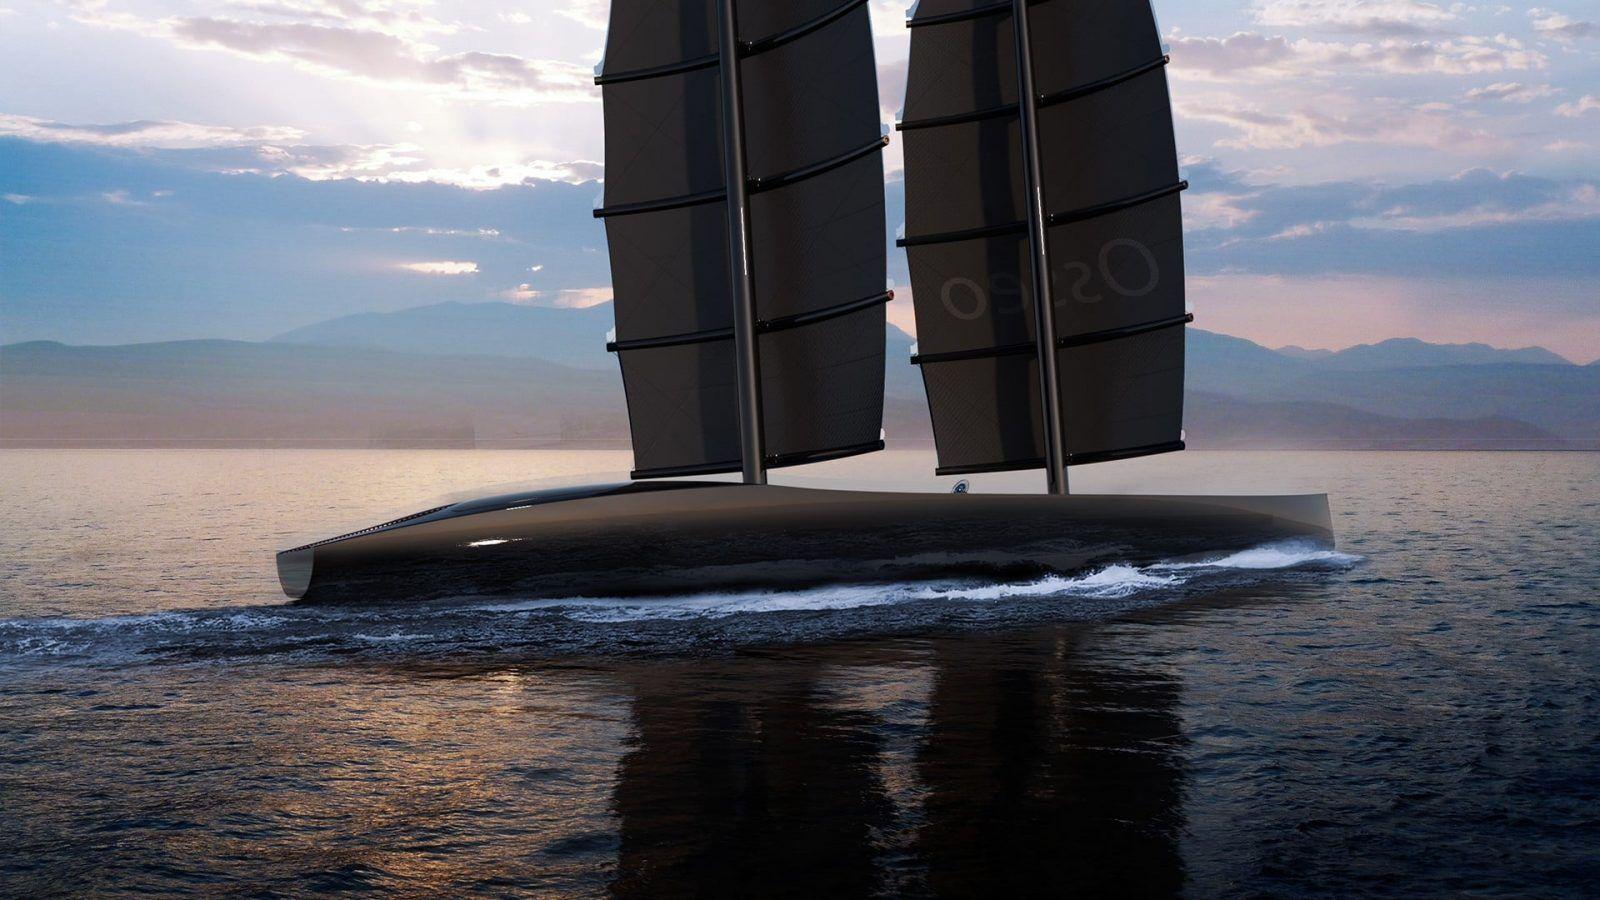 deniz-kultur - Osseo Yatch 6 - Igor Jankovic'in Göz Kamaştıran Yat Tasarımı